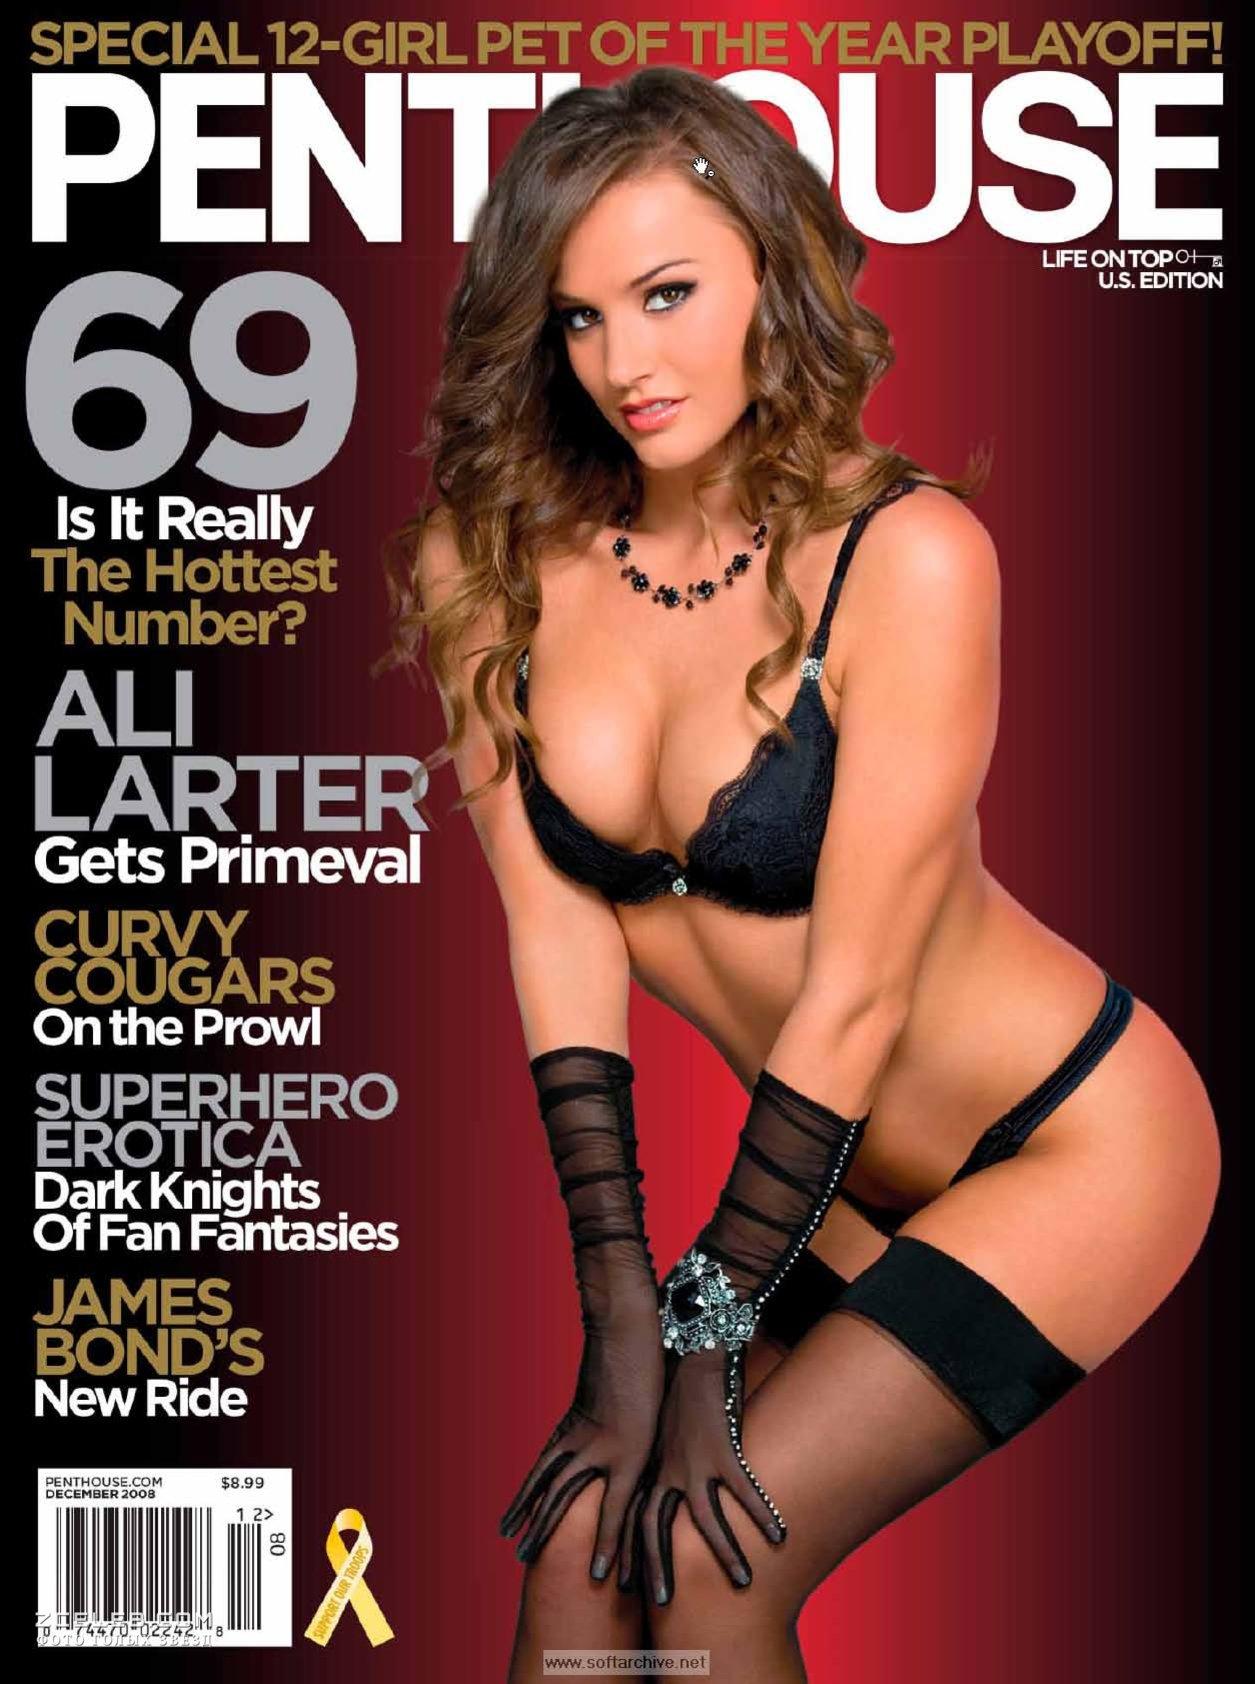 Порно ретро читать онлайн мужской журнал пентхаус видео